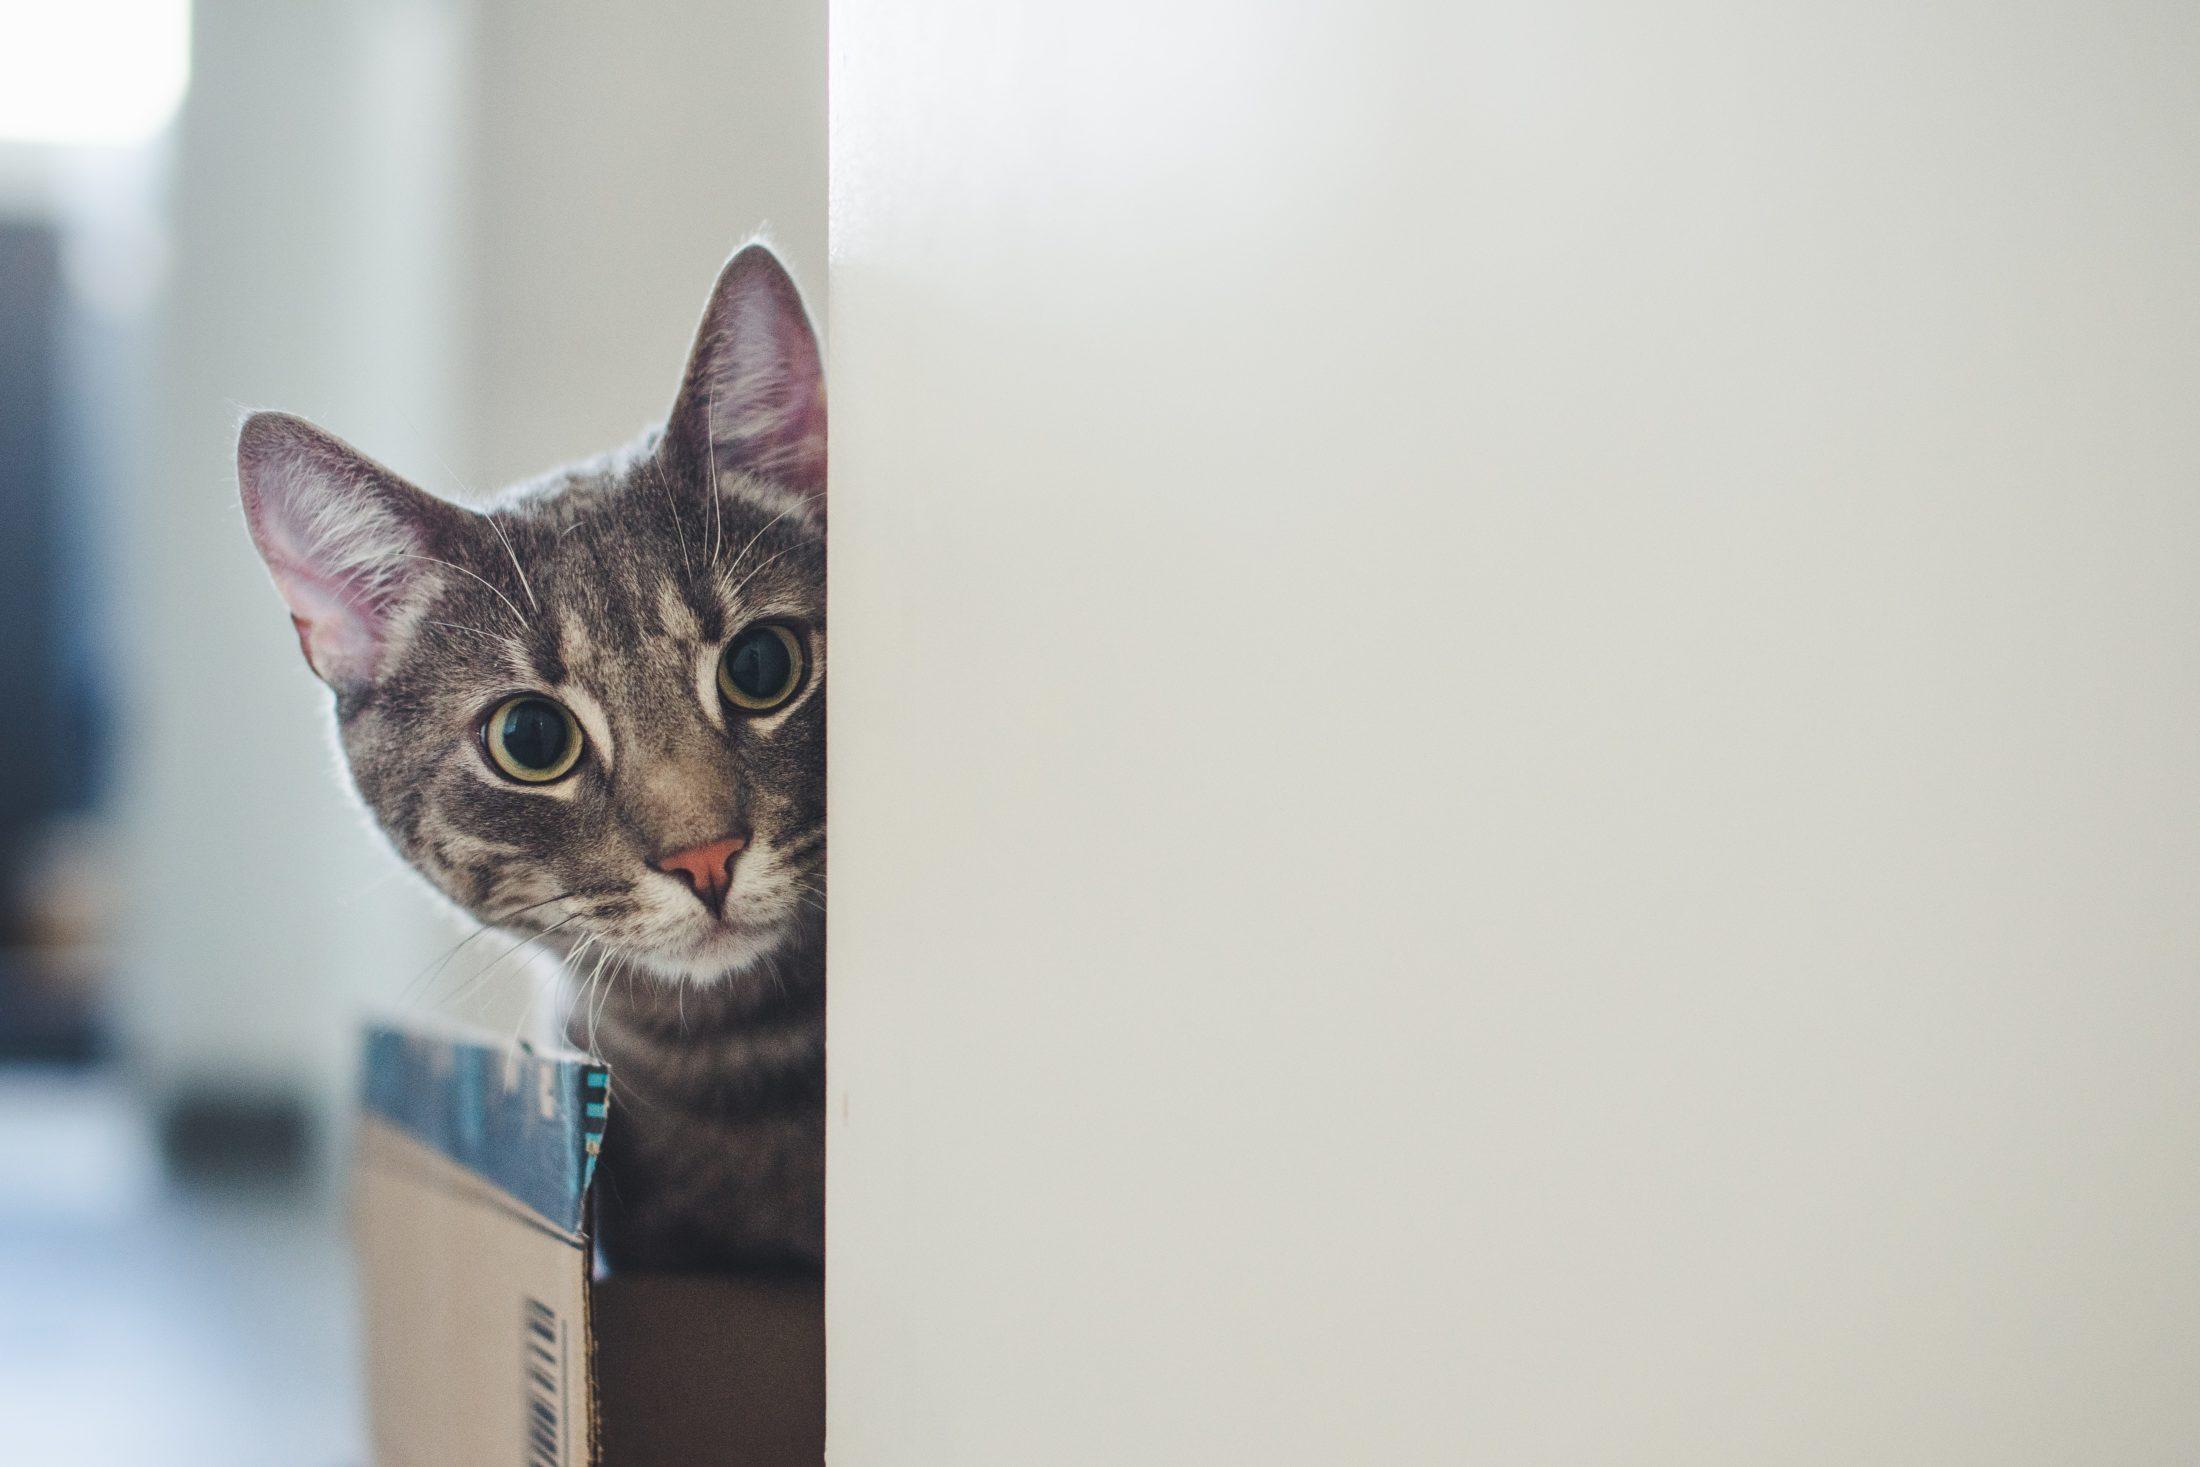 gato dentro de caixa de papelão olhando pela quina da parede